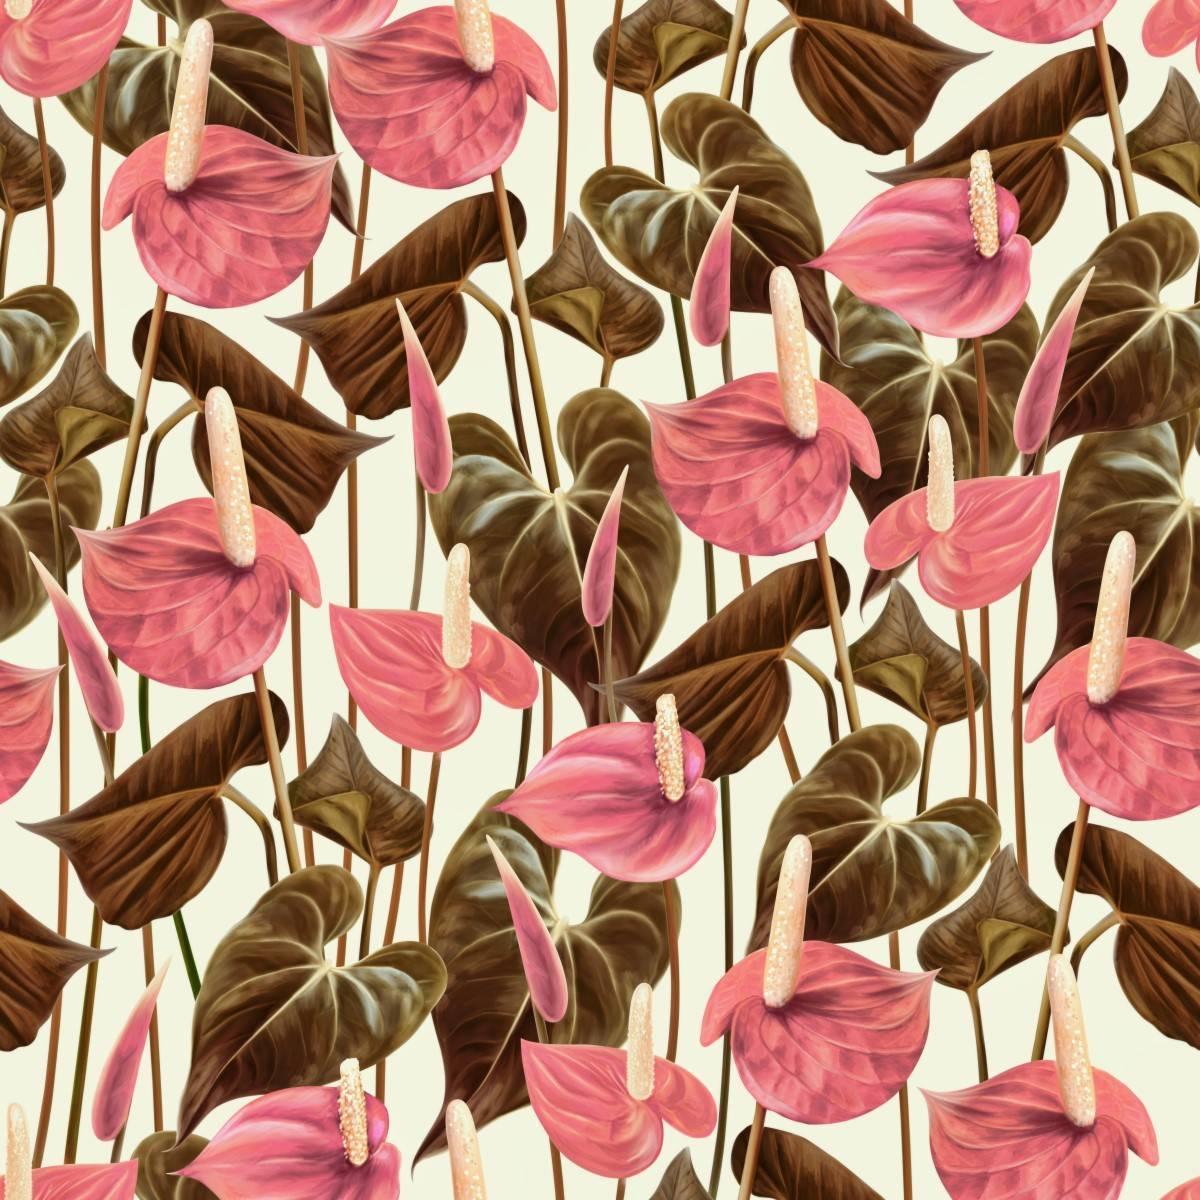 Papel de Parede Floral Rosê Gold | Adesivo Vinílico imagem 2